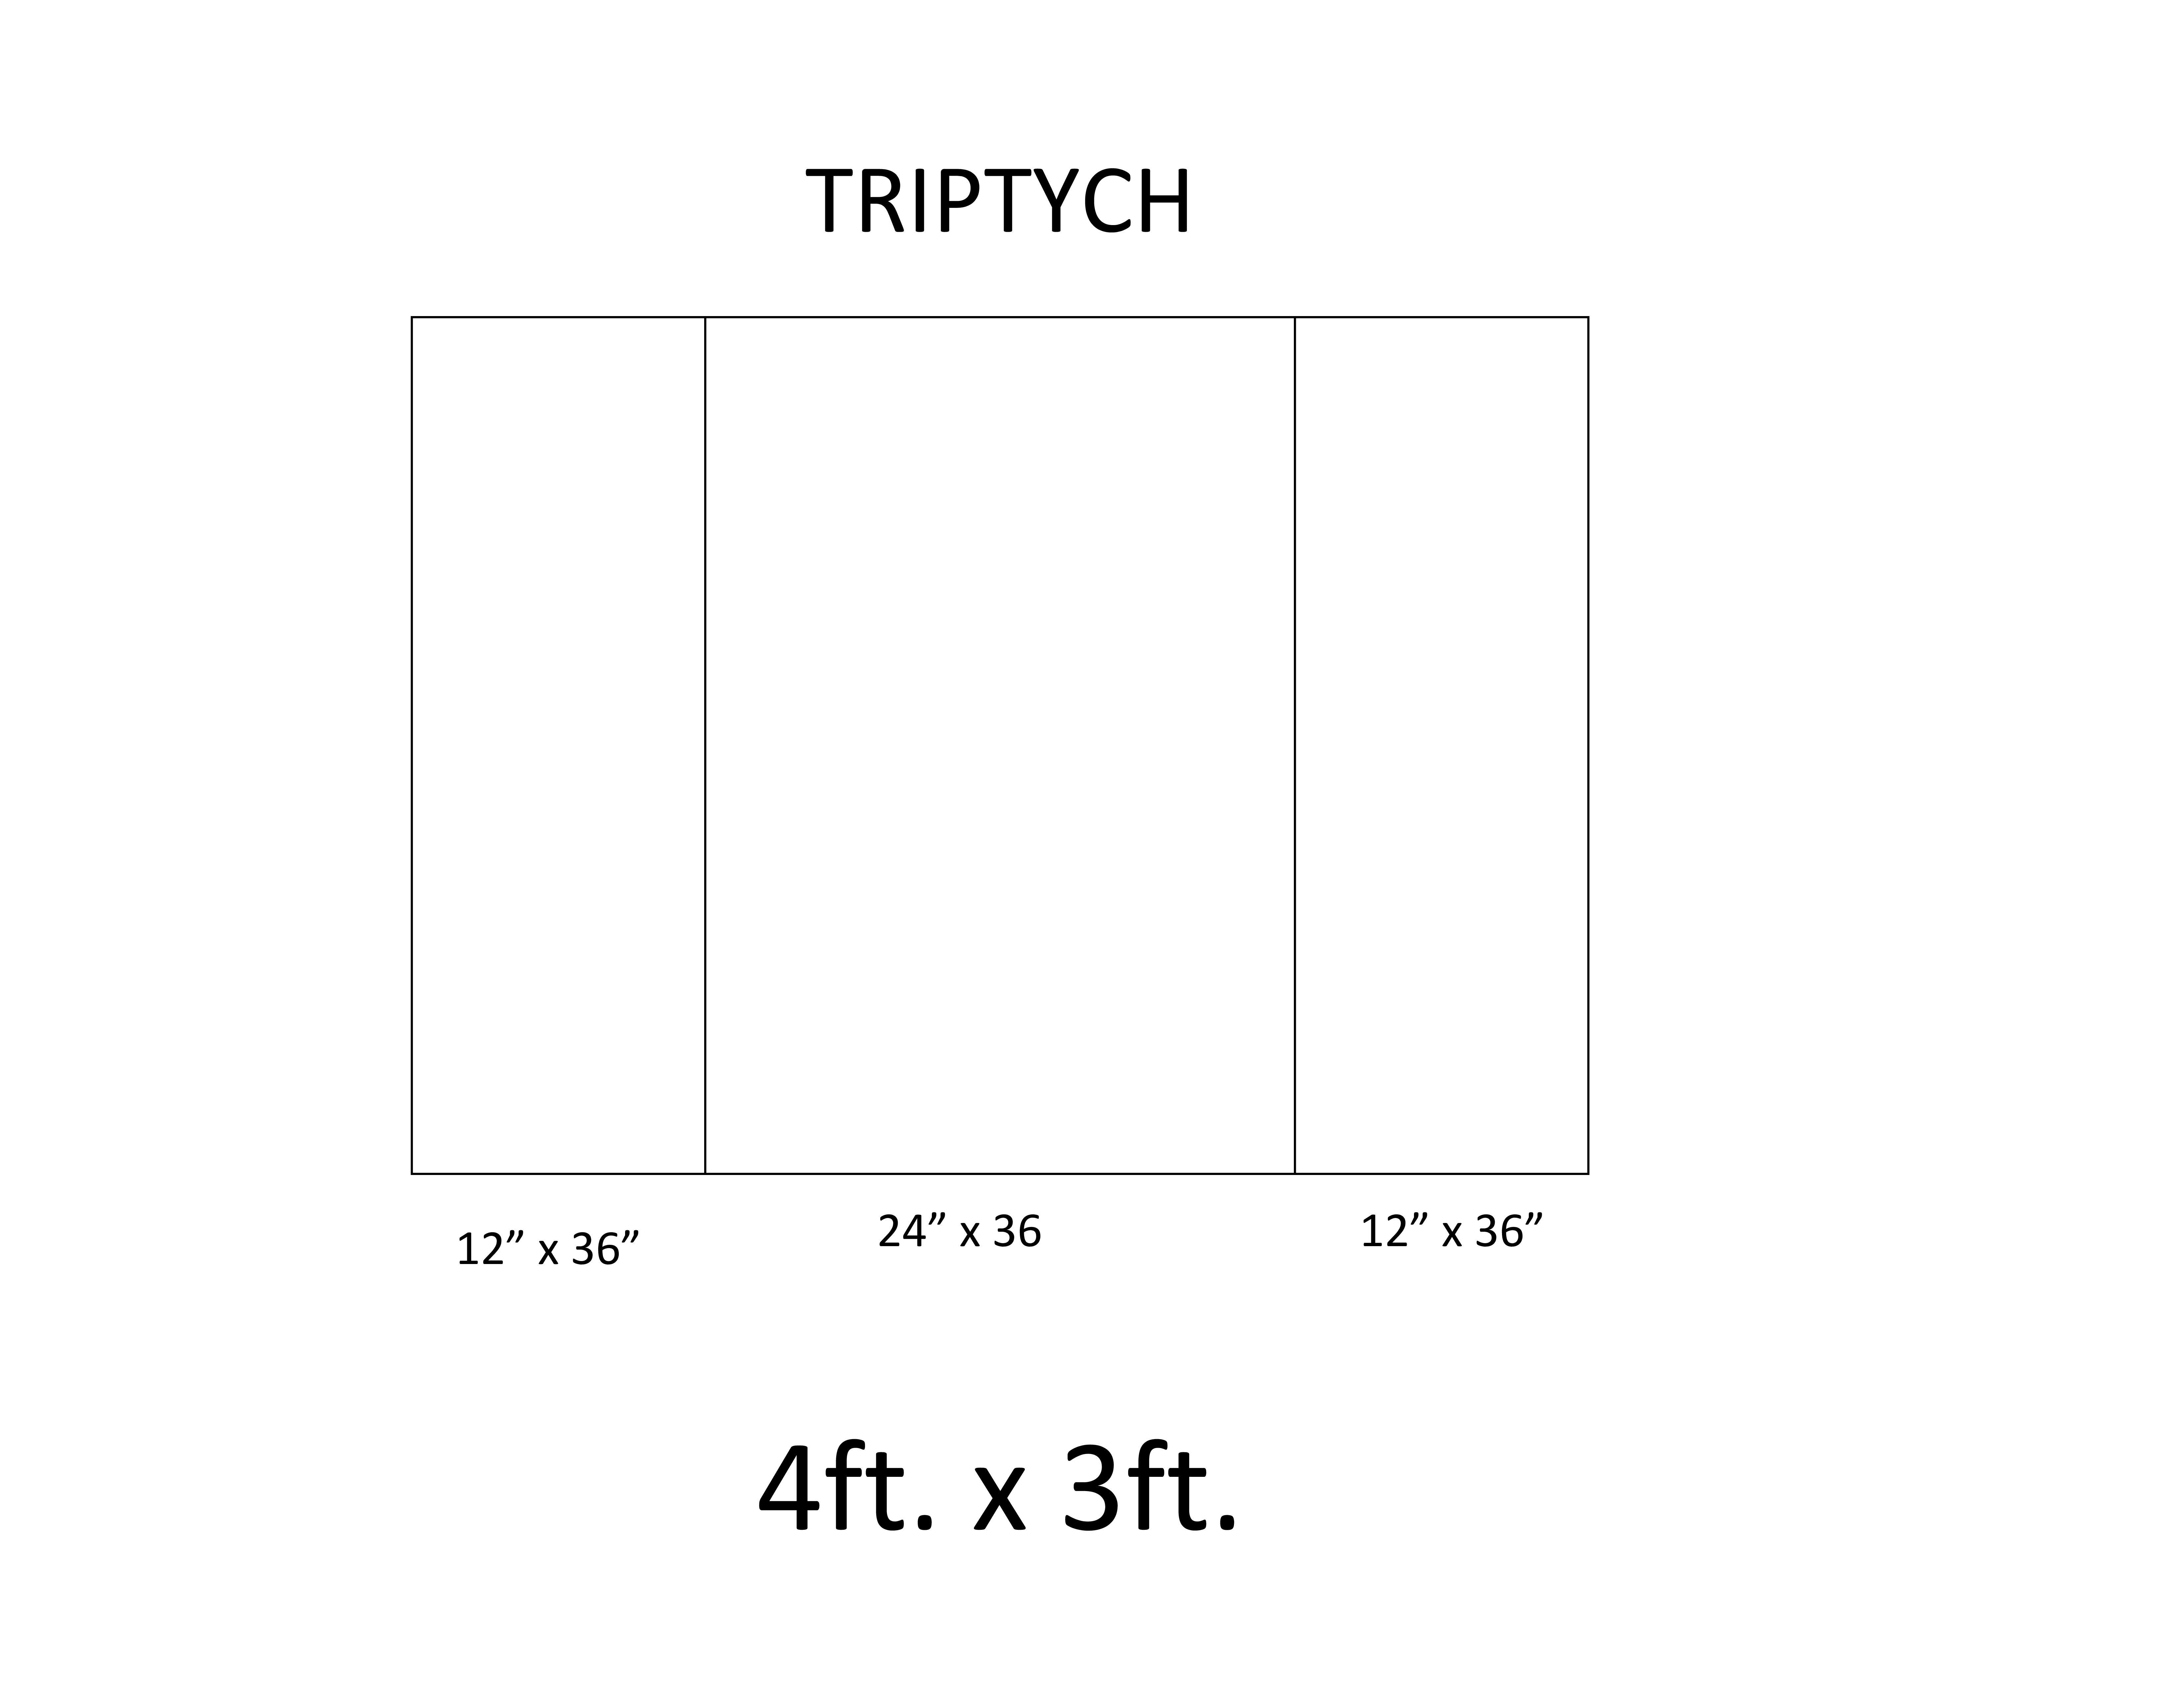 10 - Triptych